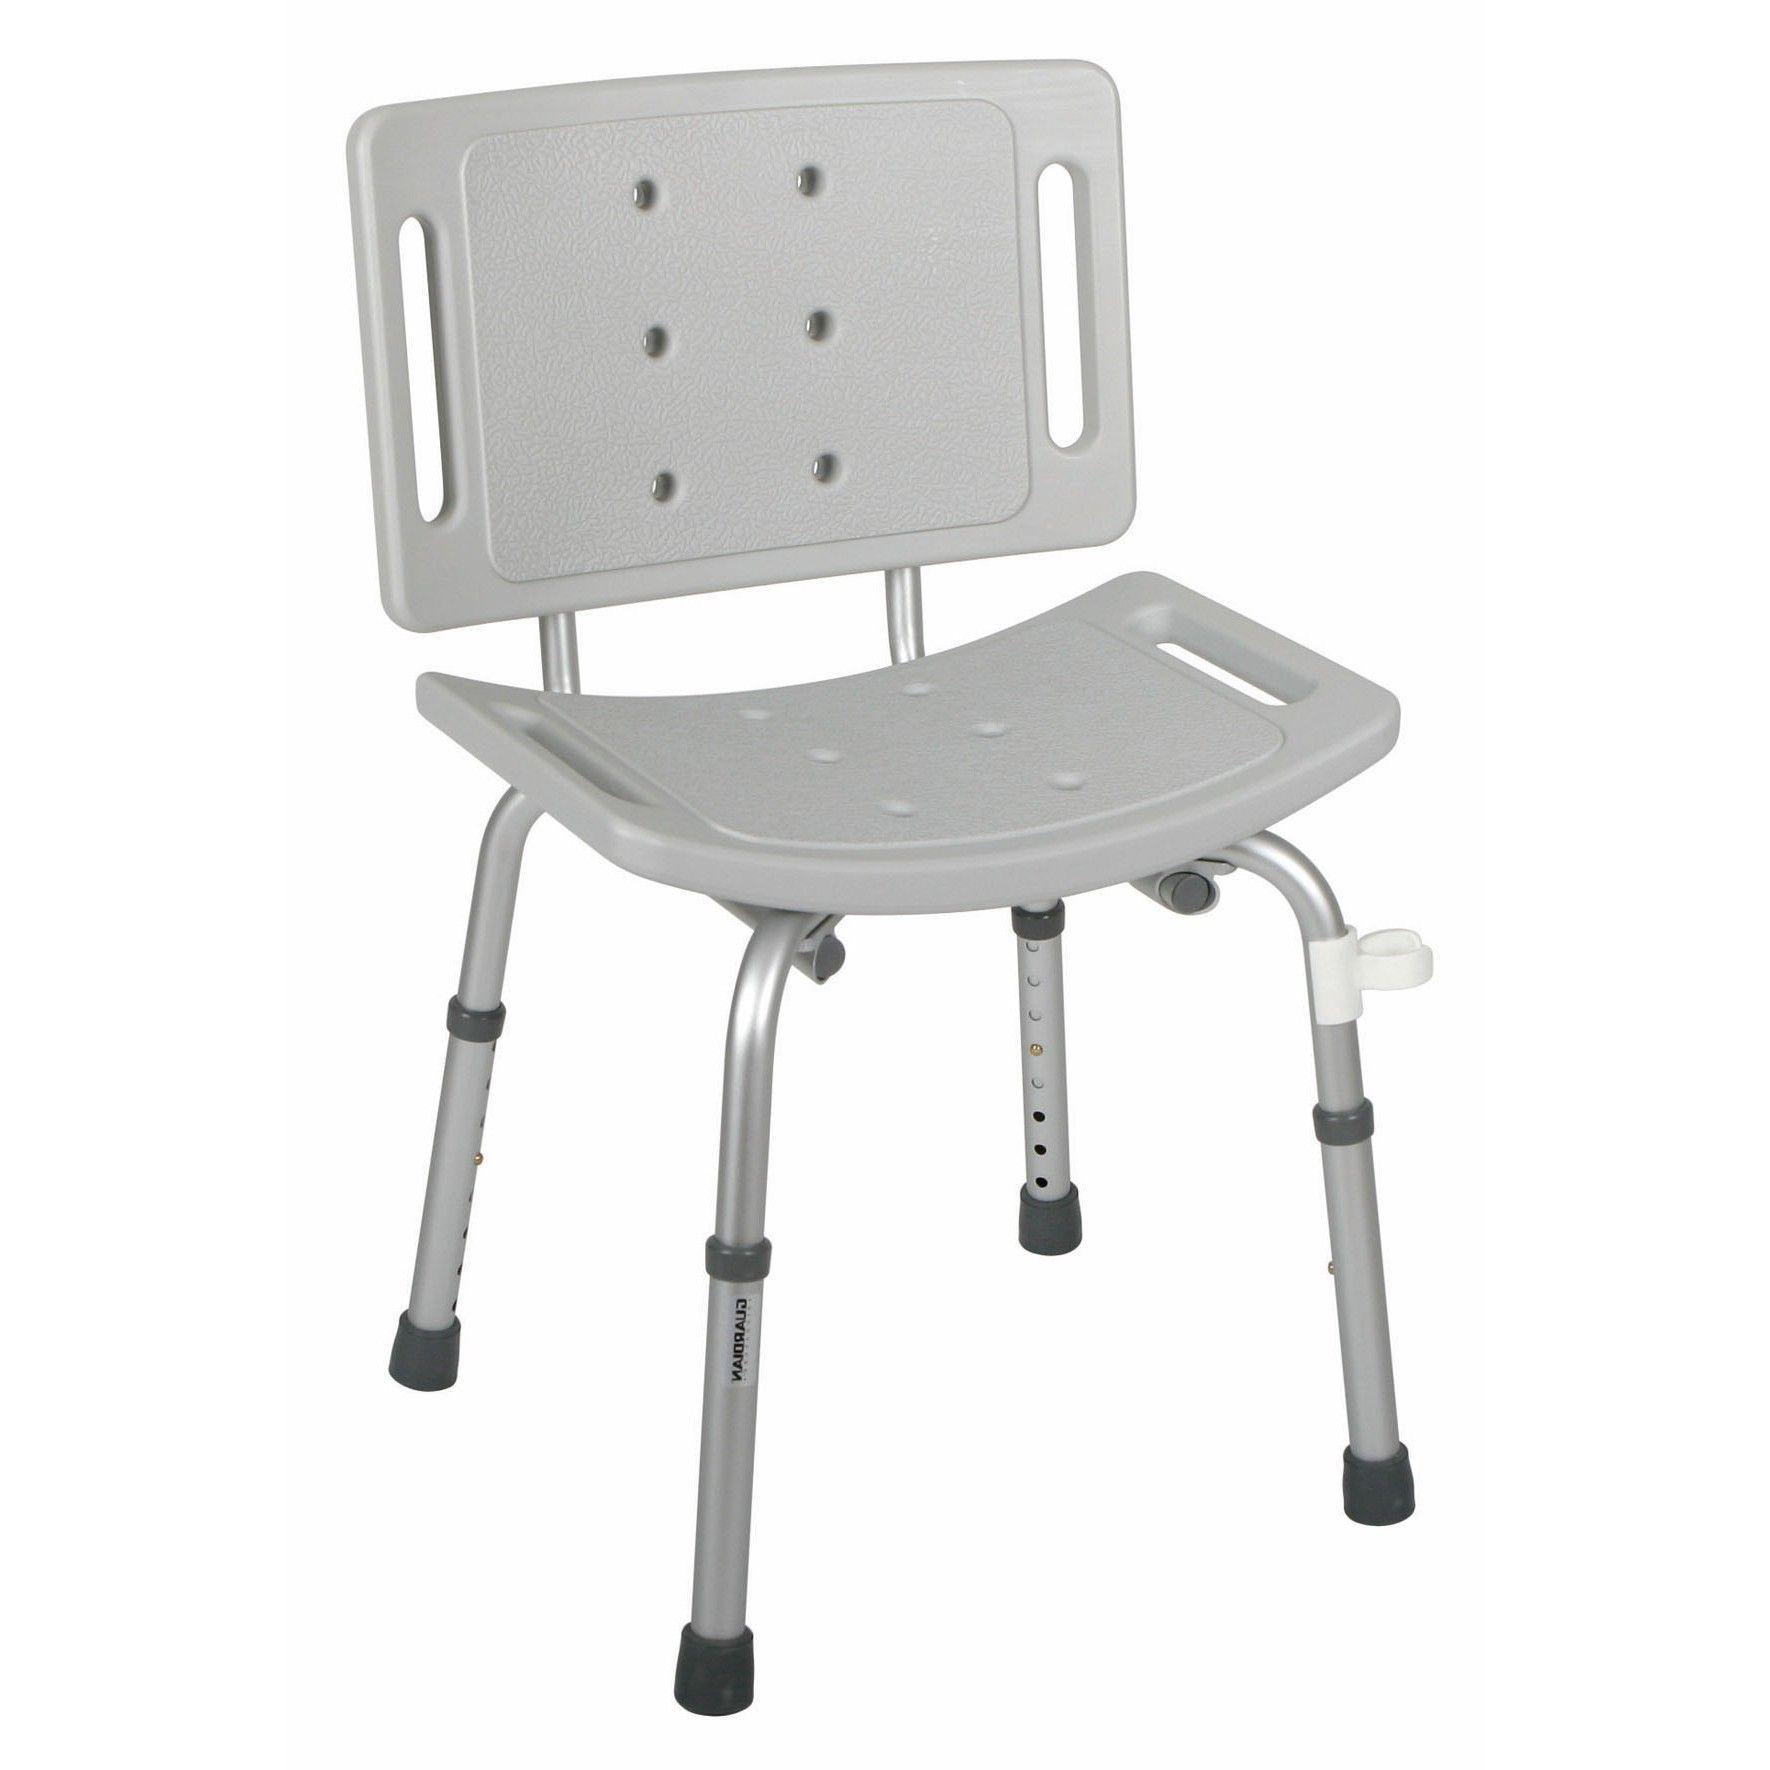 Elderly shower chair, bathtub handicap accessories, bath chair for